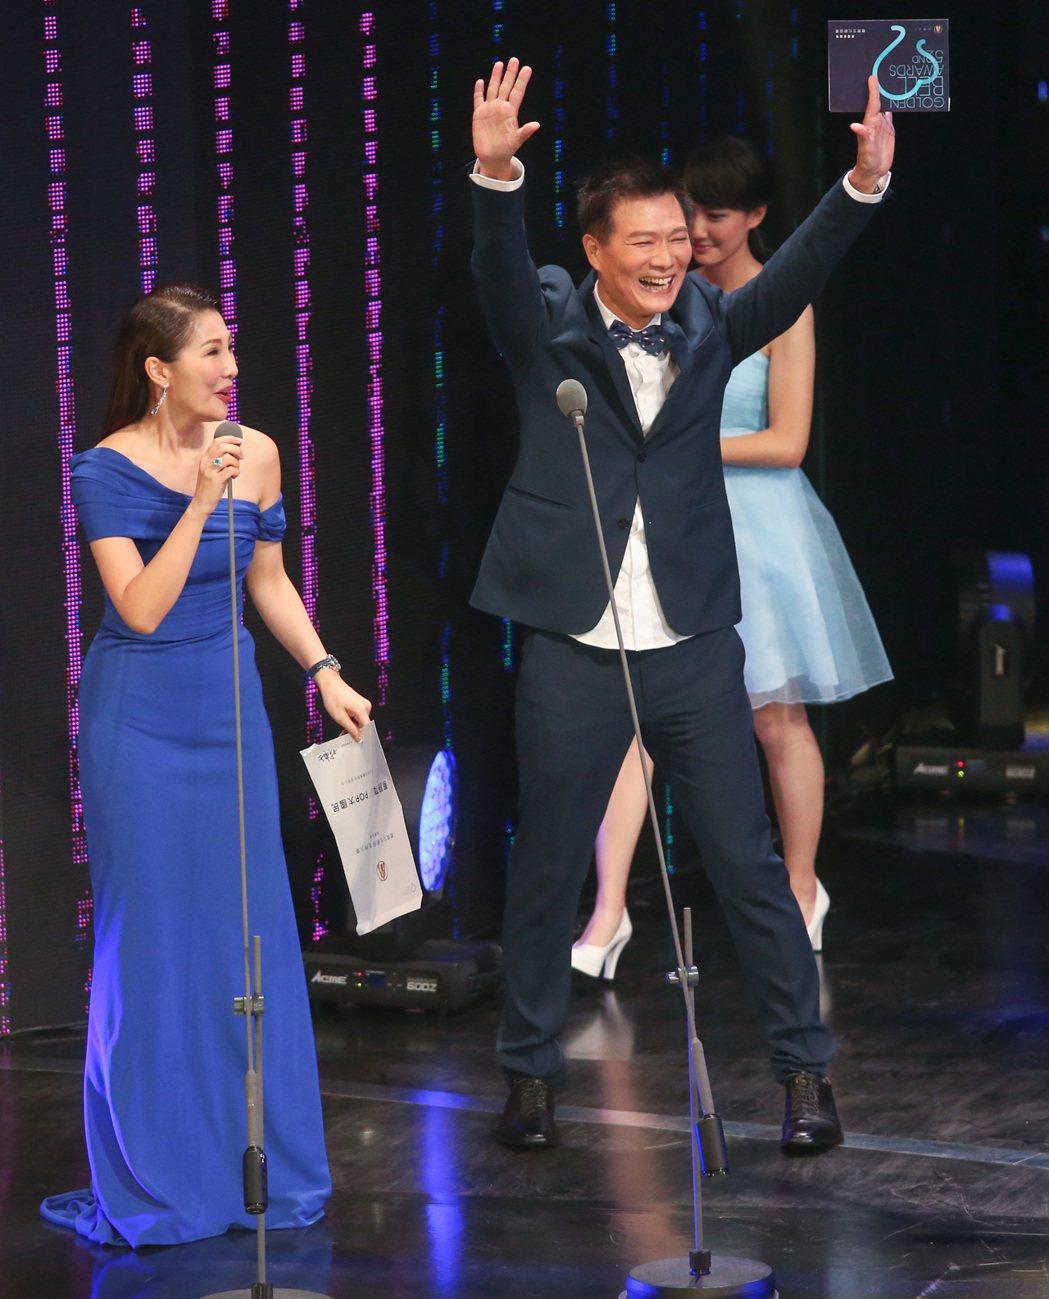 第52屆廣播金鐘,蔡詩萍(右)自己頒獎給自己,與一同擔任頒獎人的妻子林書煒(左)